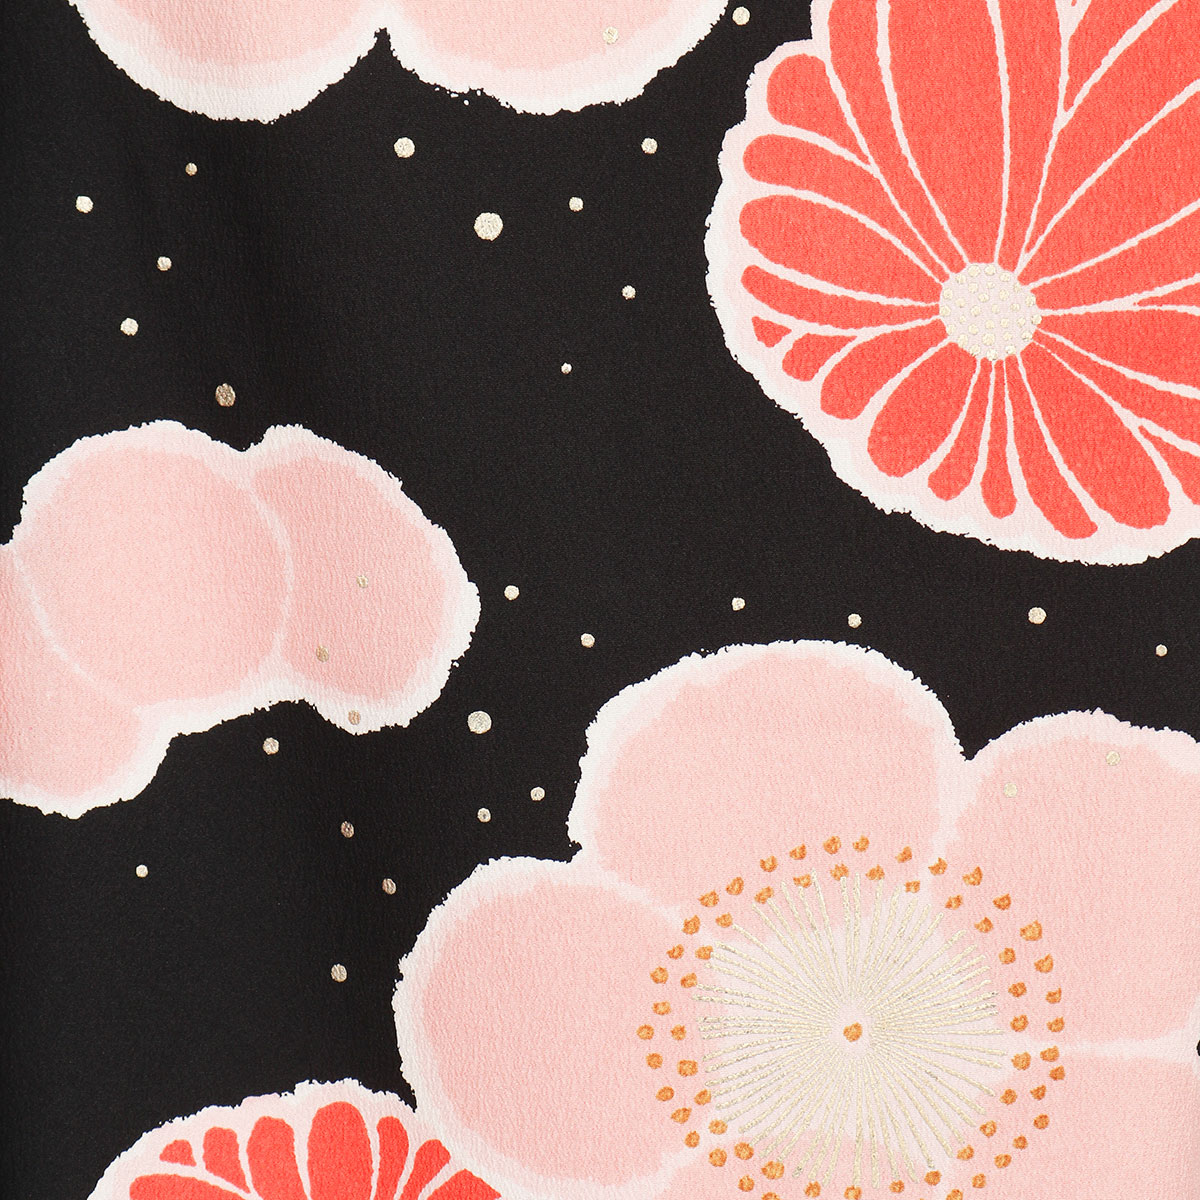 【成人式】 [安心の長期間レンタル]【対応身長155cm〜170cm】レンタル振袖フルセット-585 花柄 レトロ ポップキュート ピンク系 黒系 菊